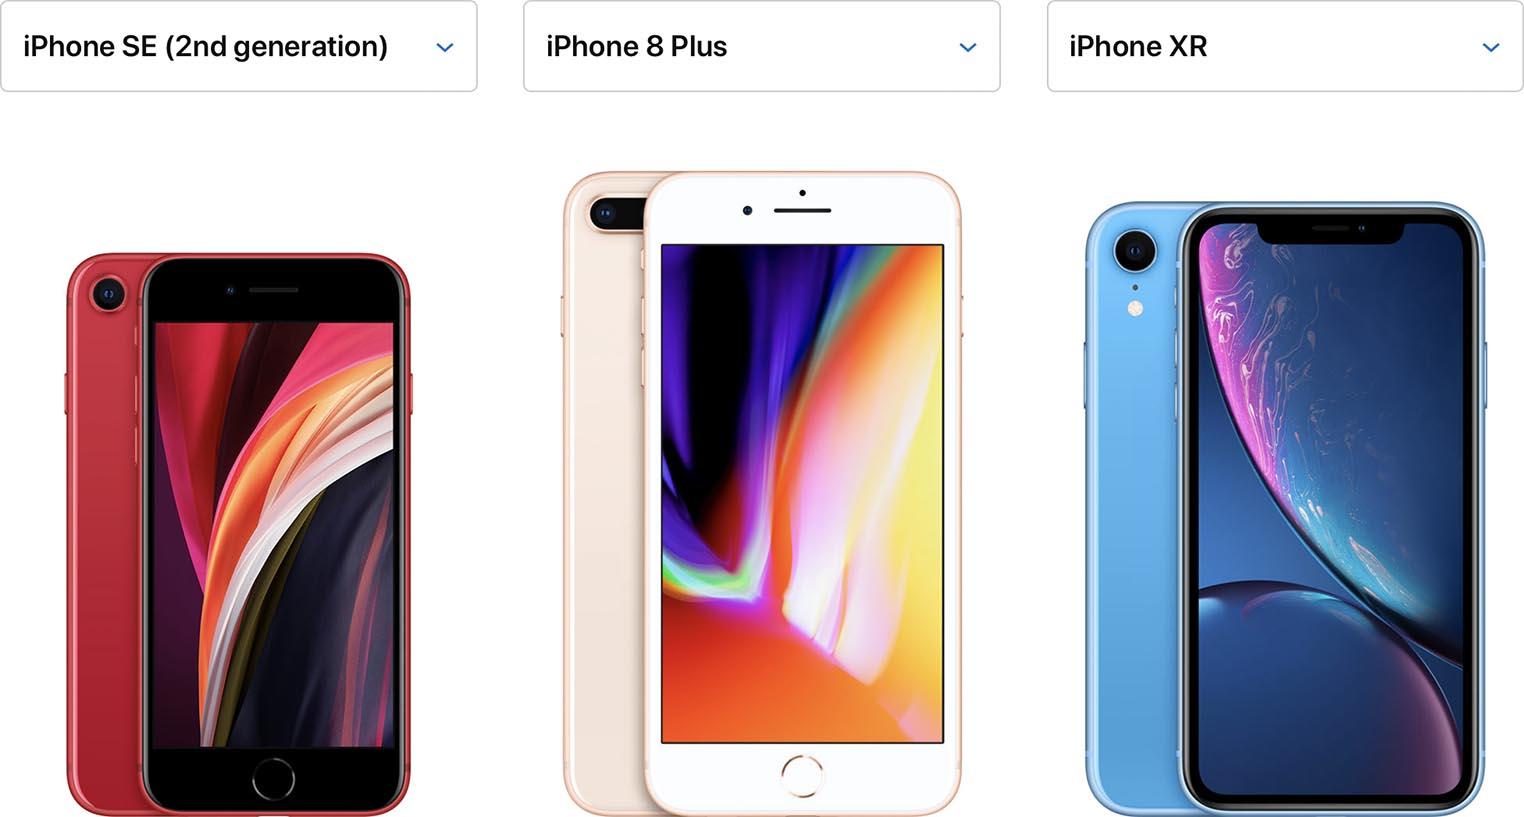 iPhone SE iPhone 8 Plus iPhone XR